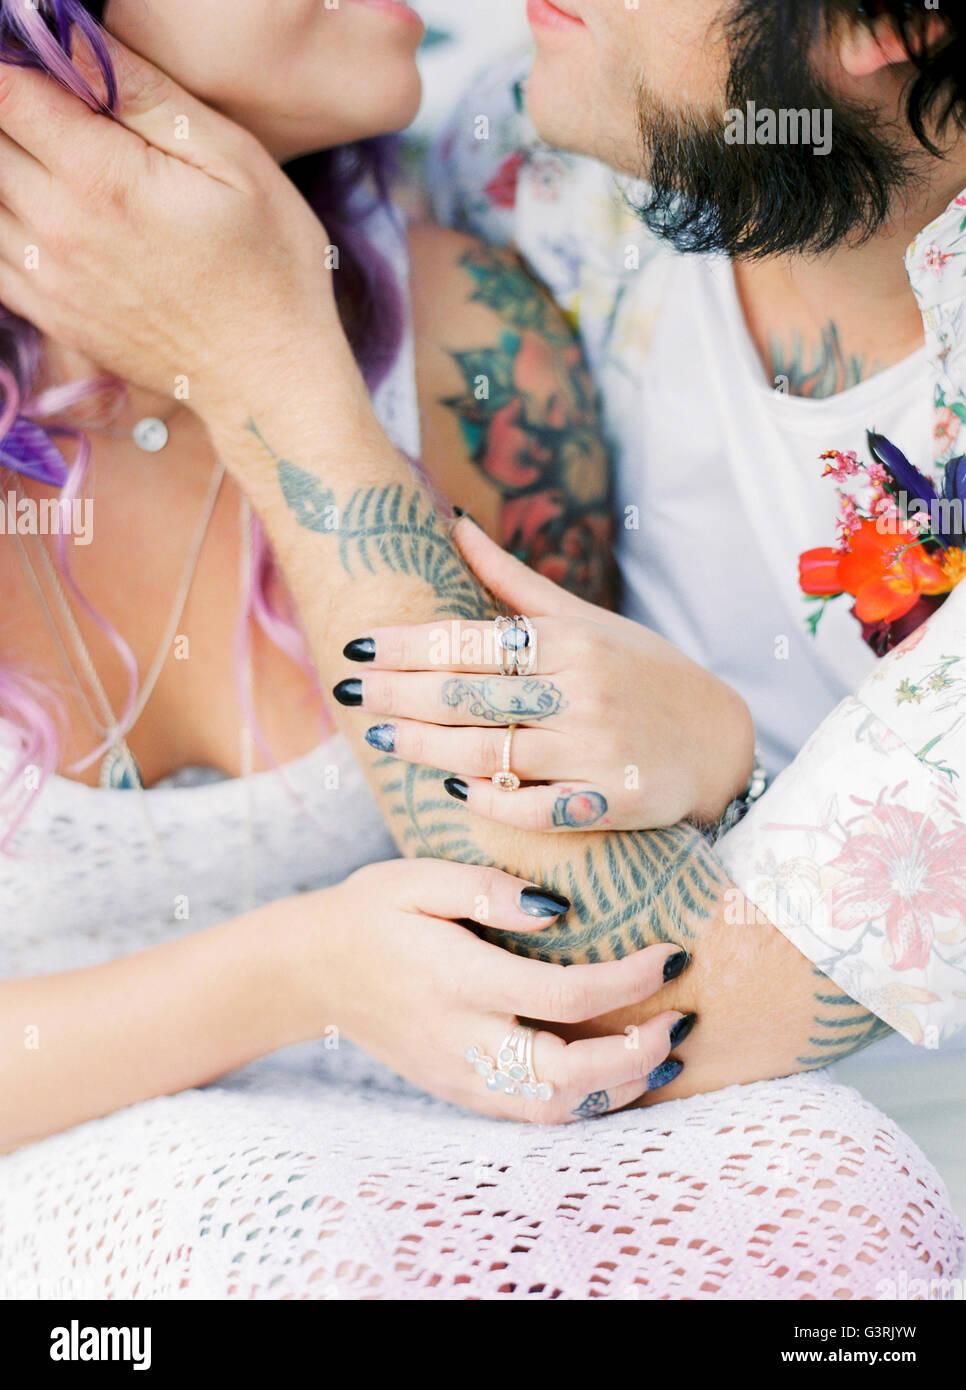 Schweden, Braut und Bräutigam bei Hippie Hochzeit Stockbild